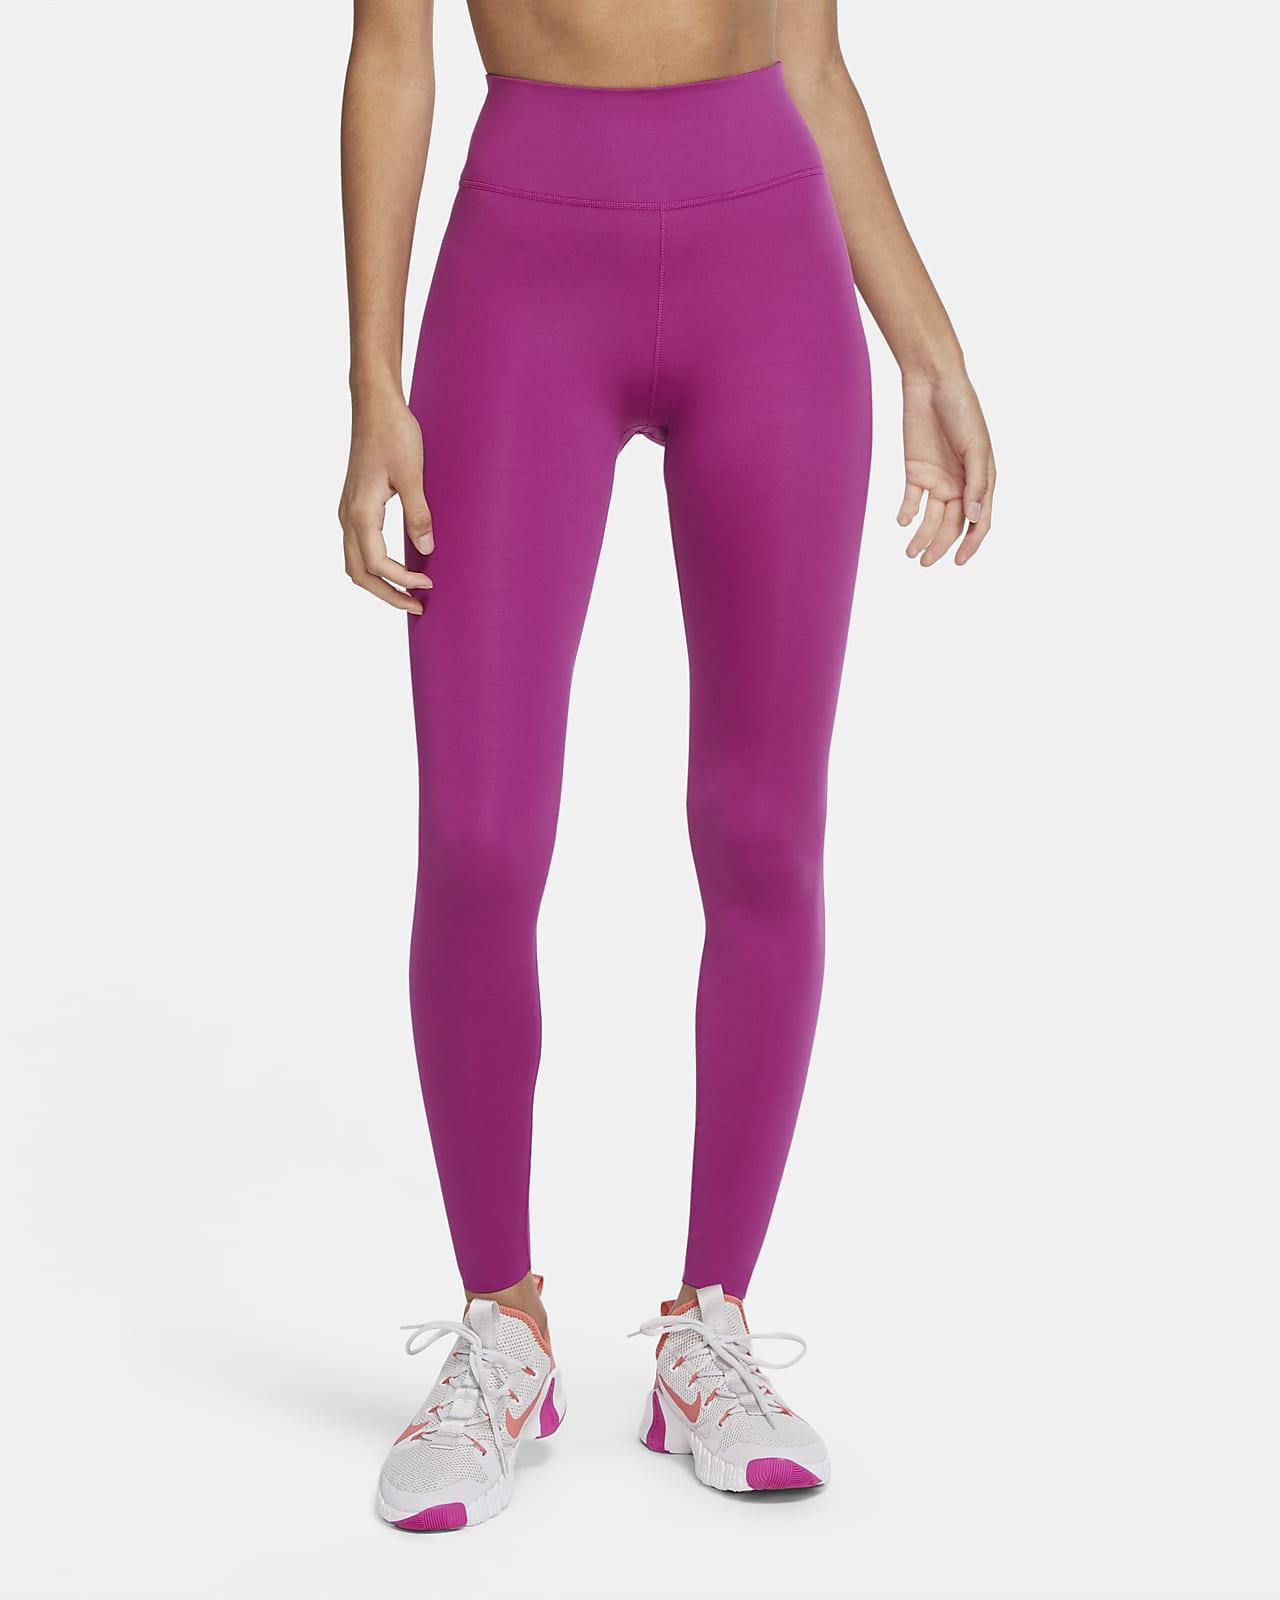 Nike One Luxe Damen-Tights mit halbhohem Bund